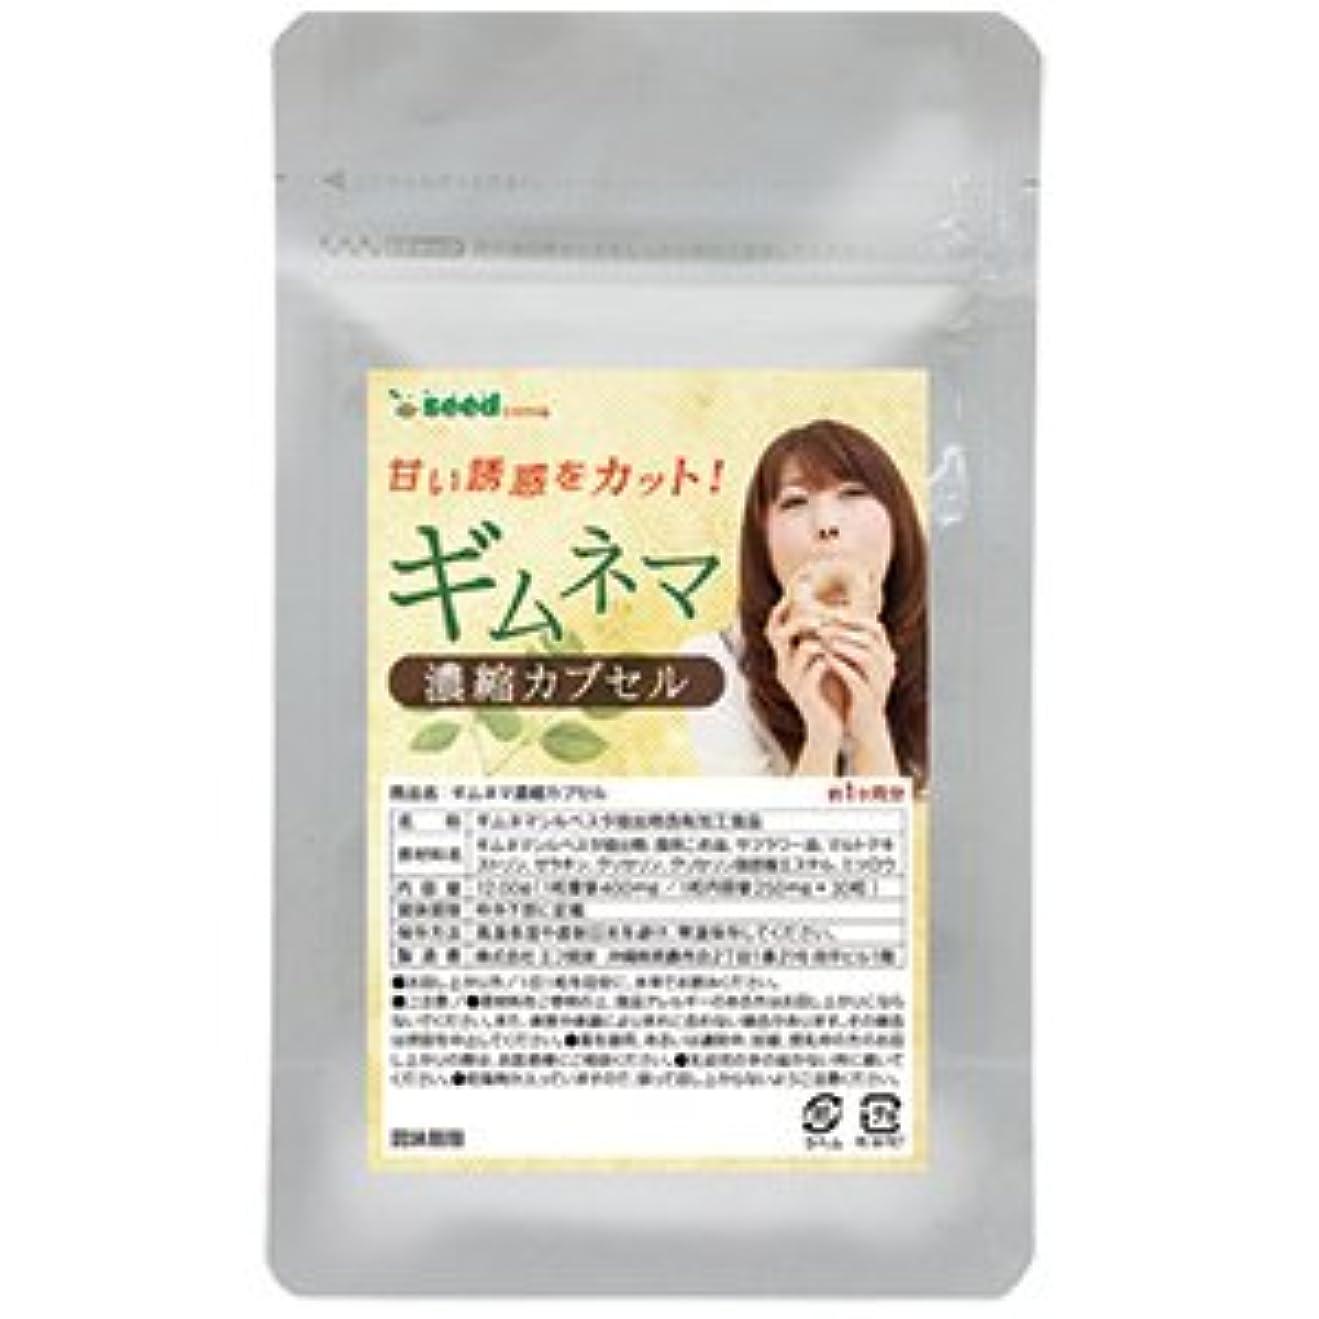 毛皮入り口ベルギムネマ濃縮カプセル (約1ヶ月分/30粒) ダイエットの天敵『糖分』が気になる方へ!